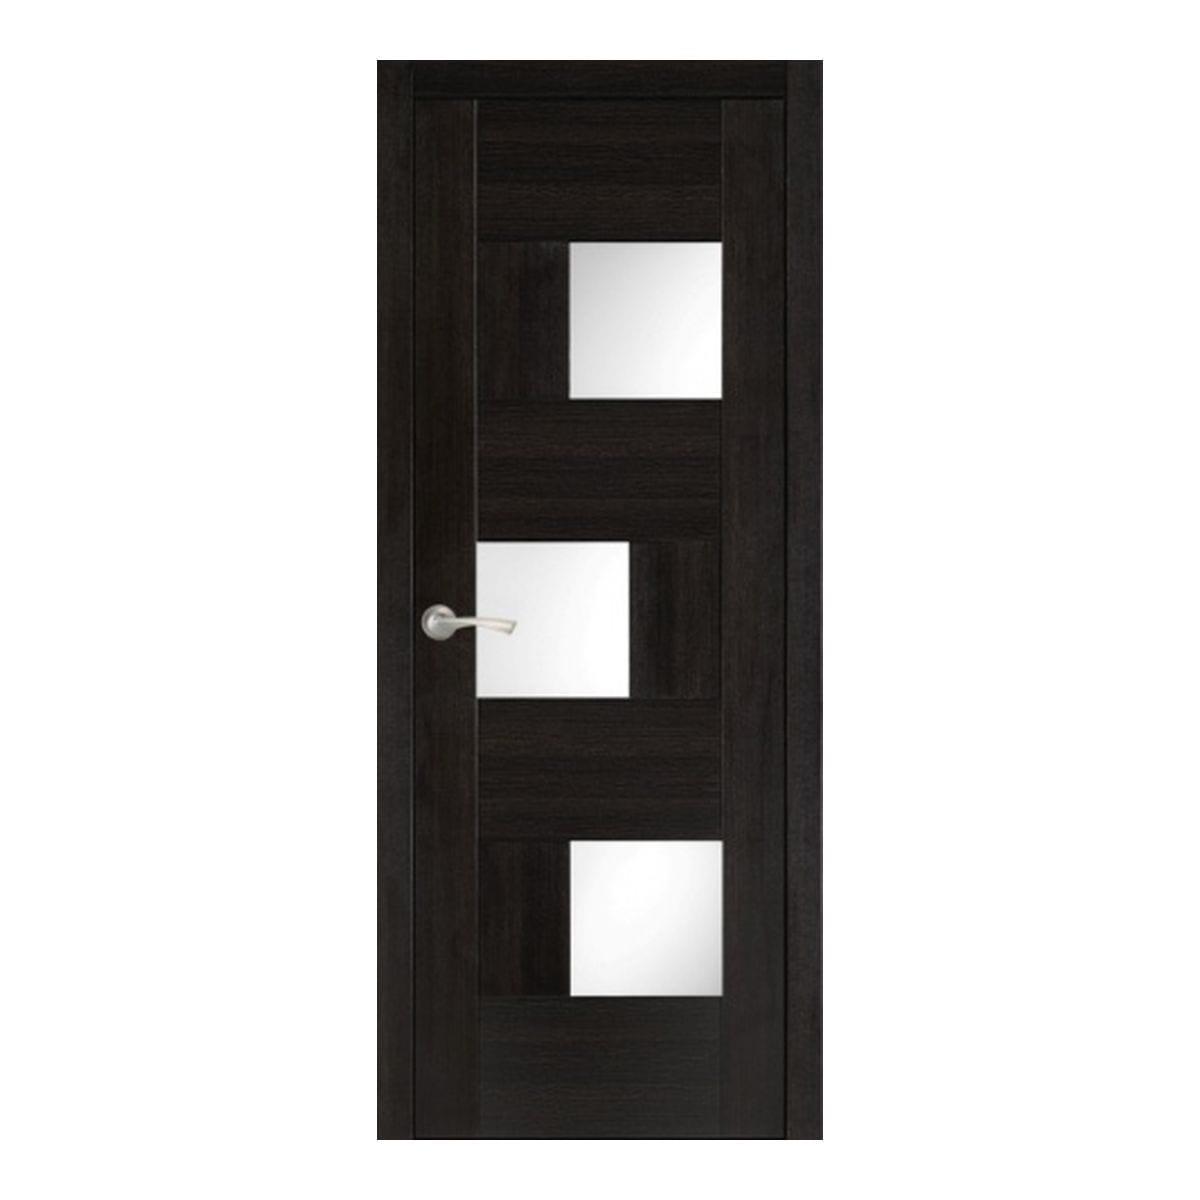 Дверное полотно Астрид 302 остекленное (700*2000) венге